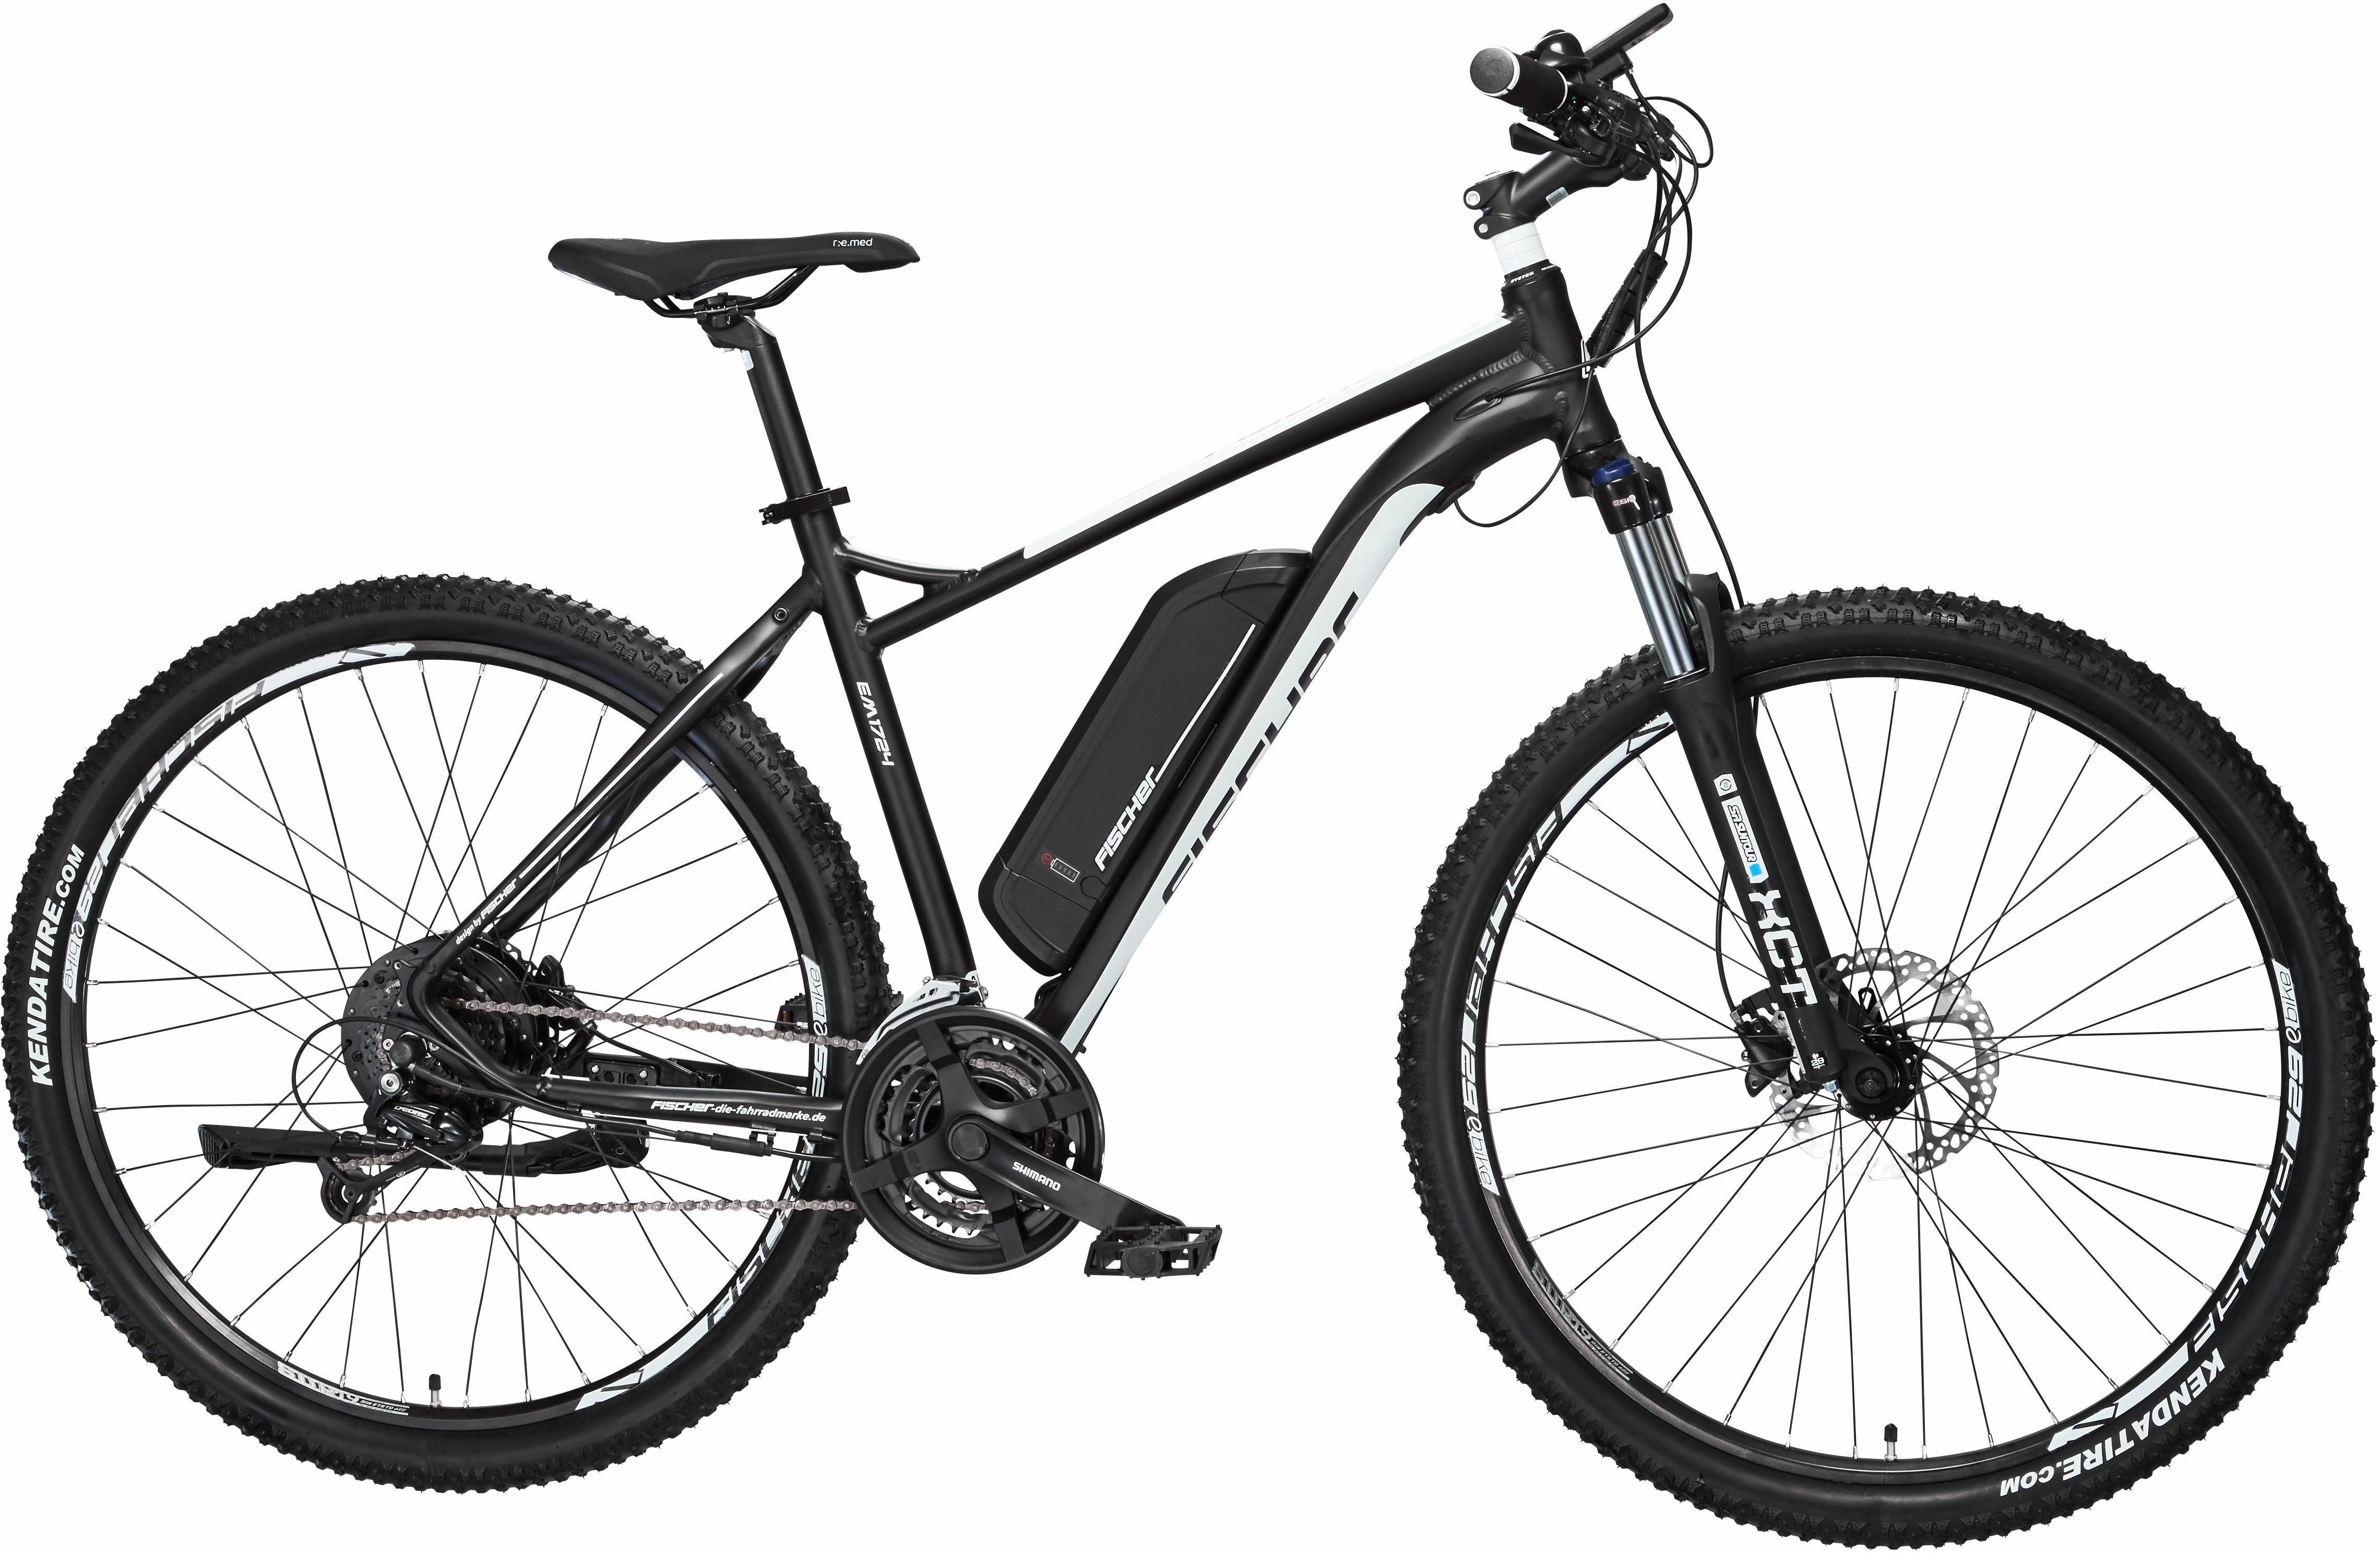 FISCHER MTB E-Bike, 48V/250W Hinterradmotor, 29 Zoll, 24 Gang-Shimano Deore Kettenschaltung, »EM 1724«